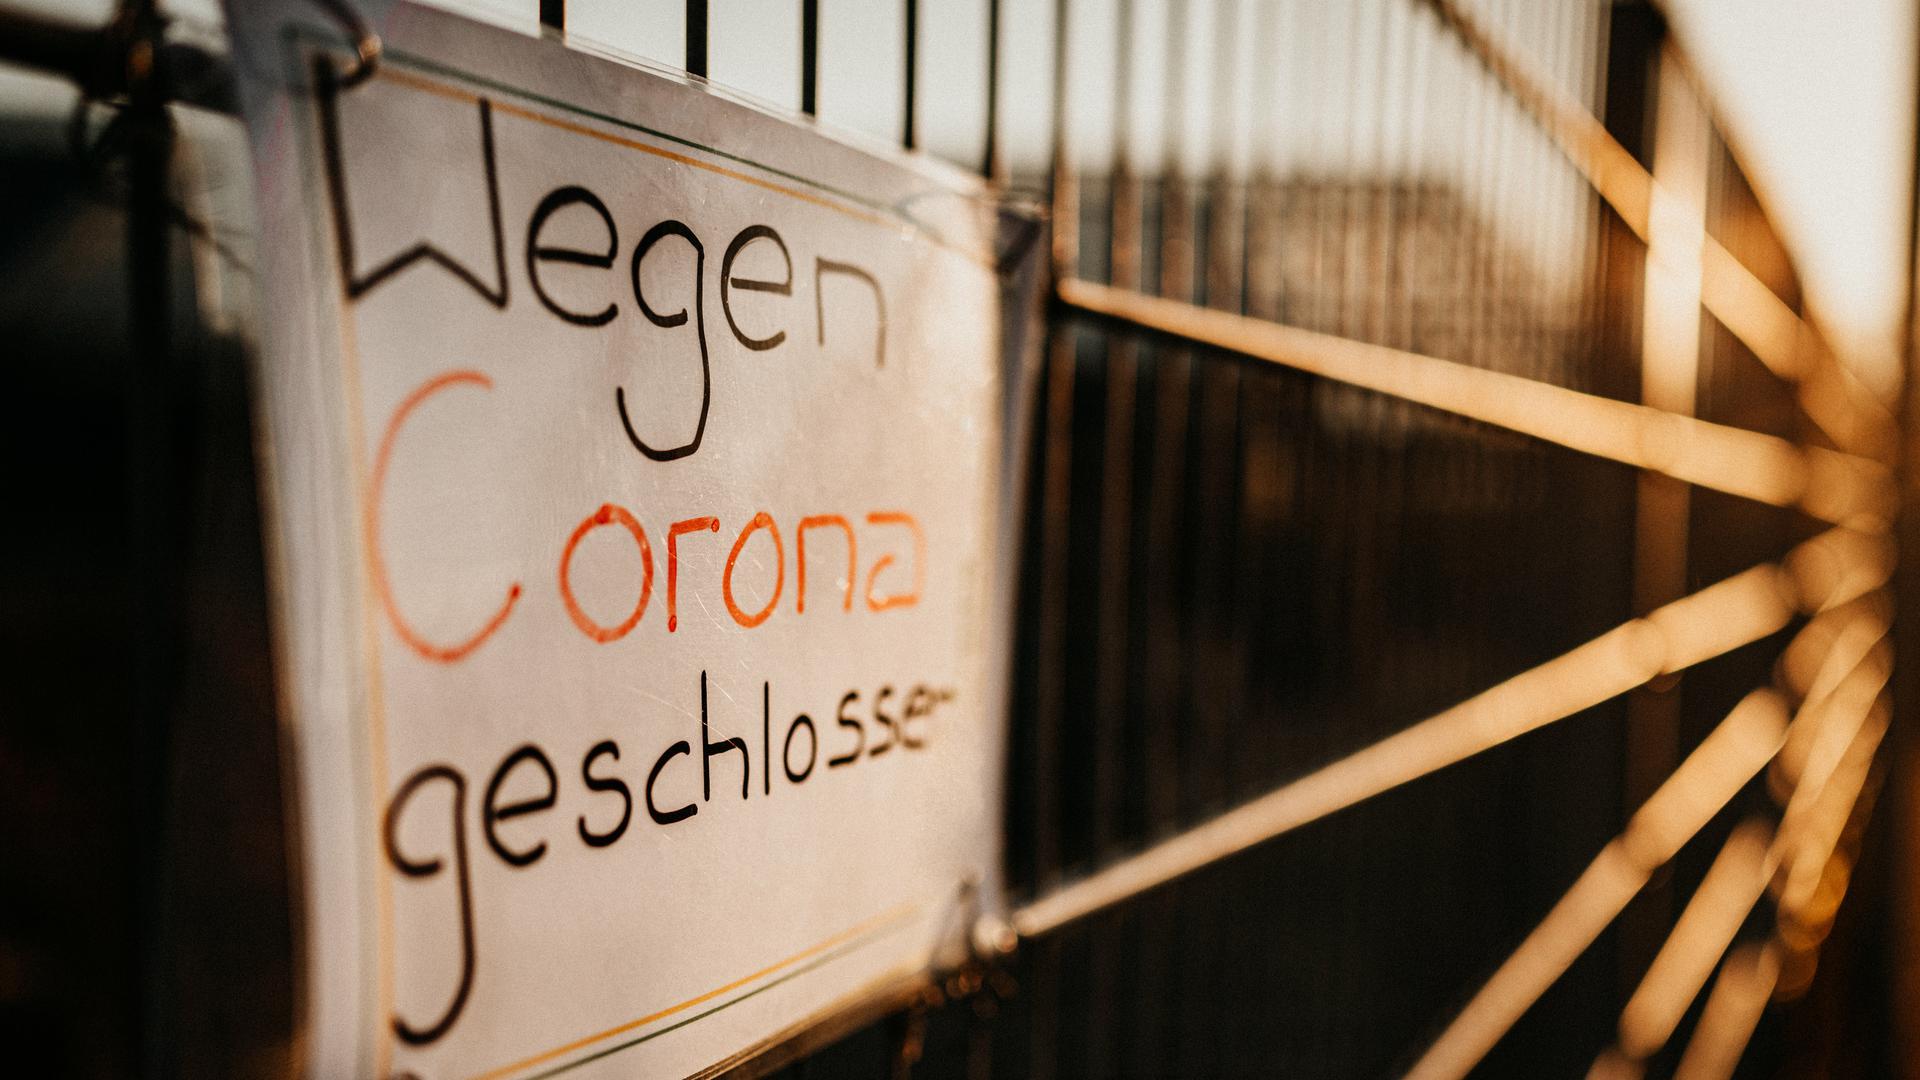 Die Leidtragenden halten sich an die Hoffnung: Das Miteinander wird in der Corona-Krise immer weniger möglich. Kulturbetriebe und Restaurants schließen erneut und bangen um ihren Fortbestand.